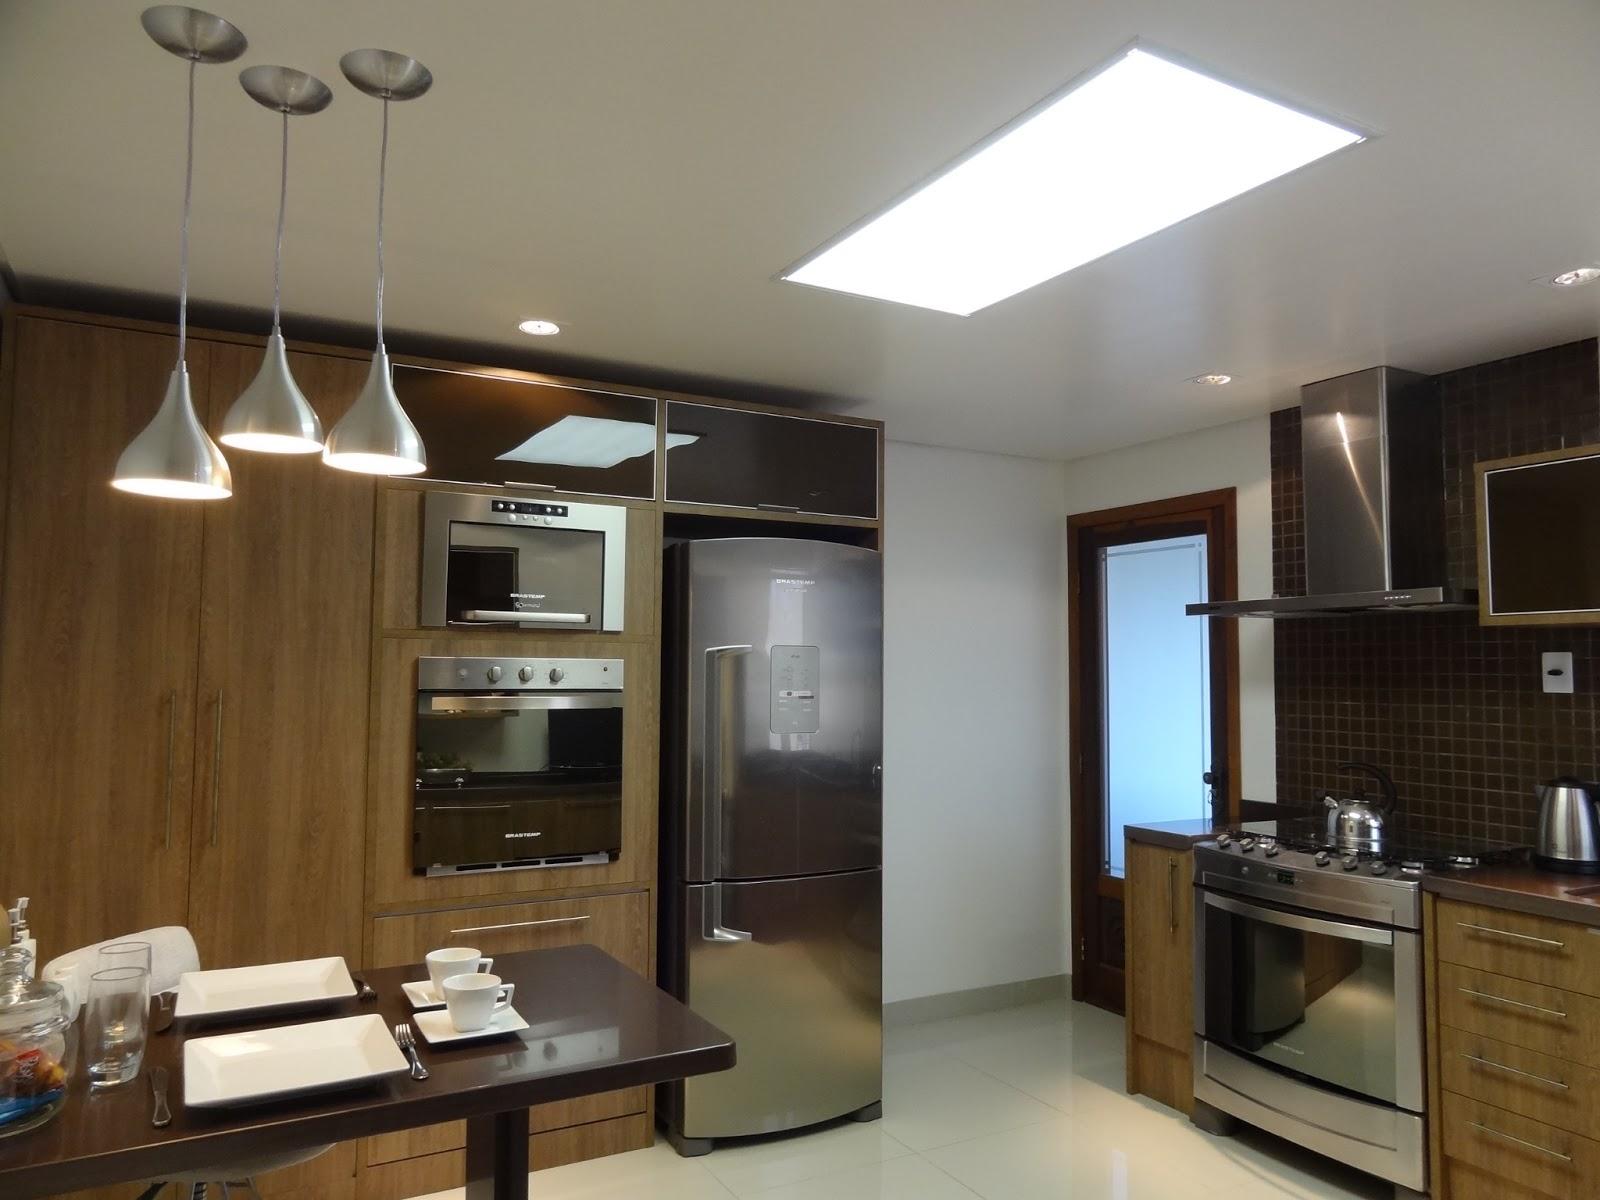 RM Arquitetura: Projeto Reforma Cozinha #366F95 1600 1200